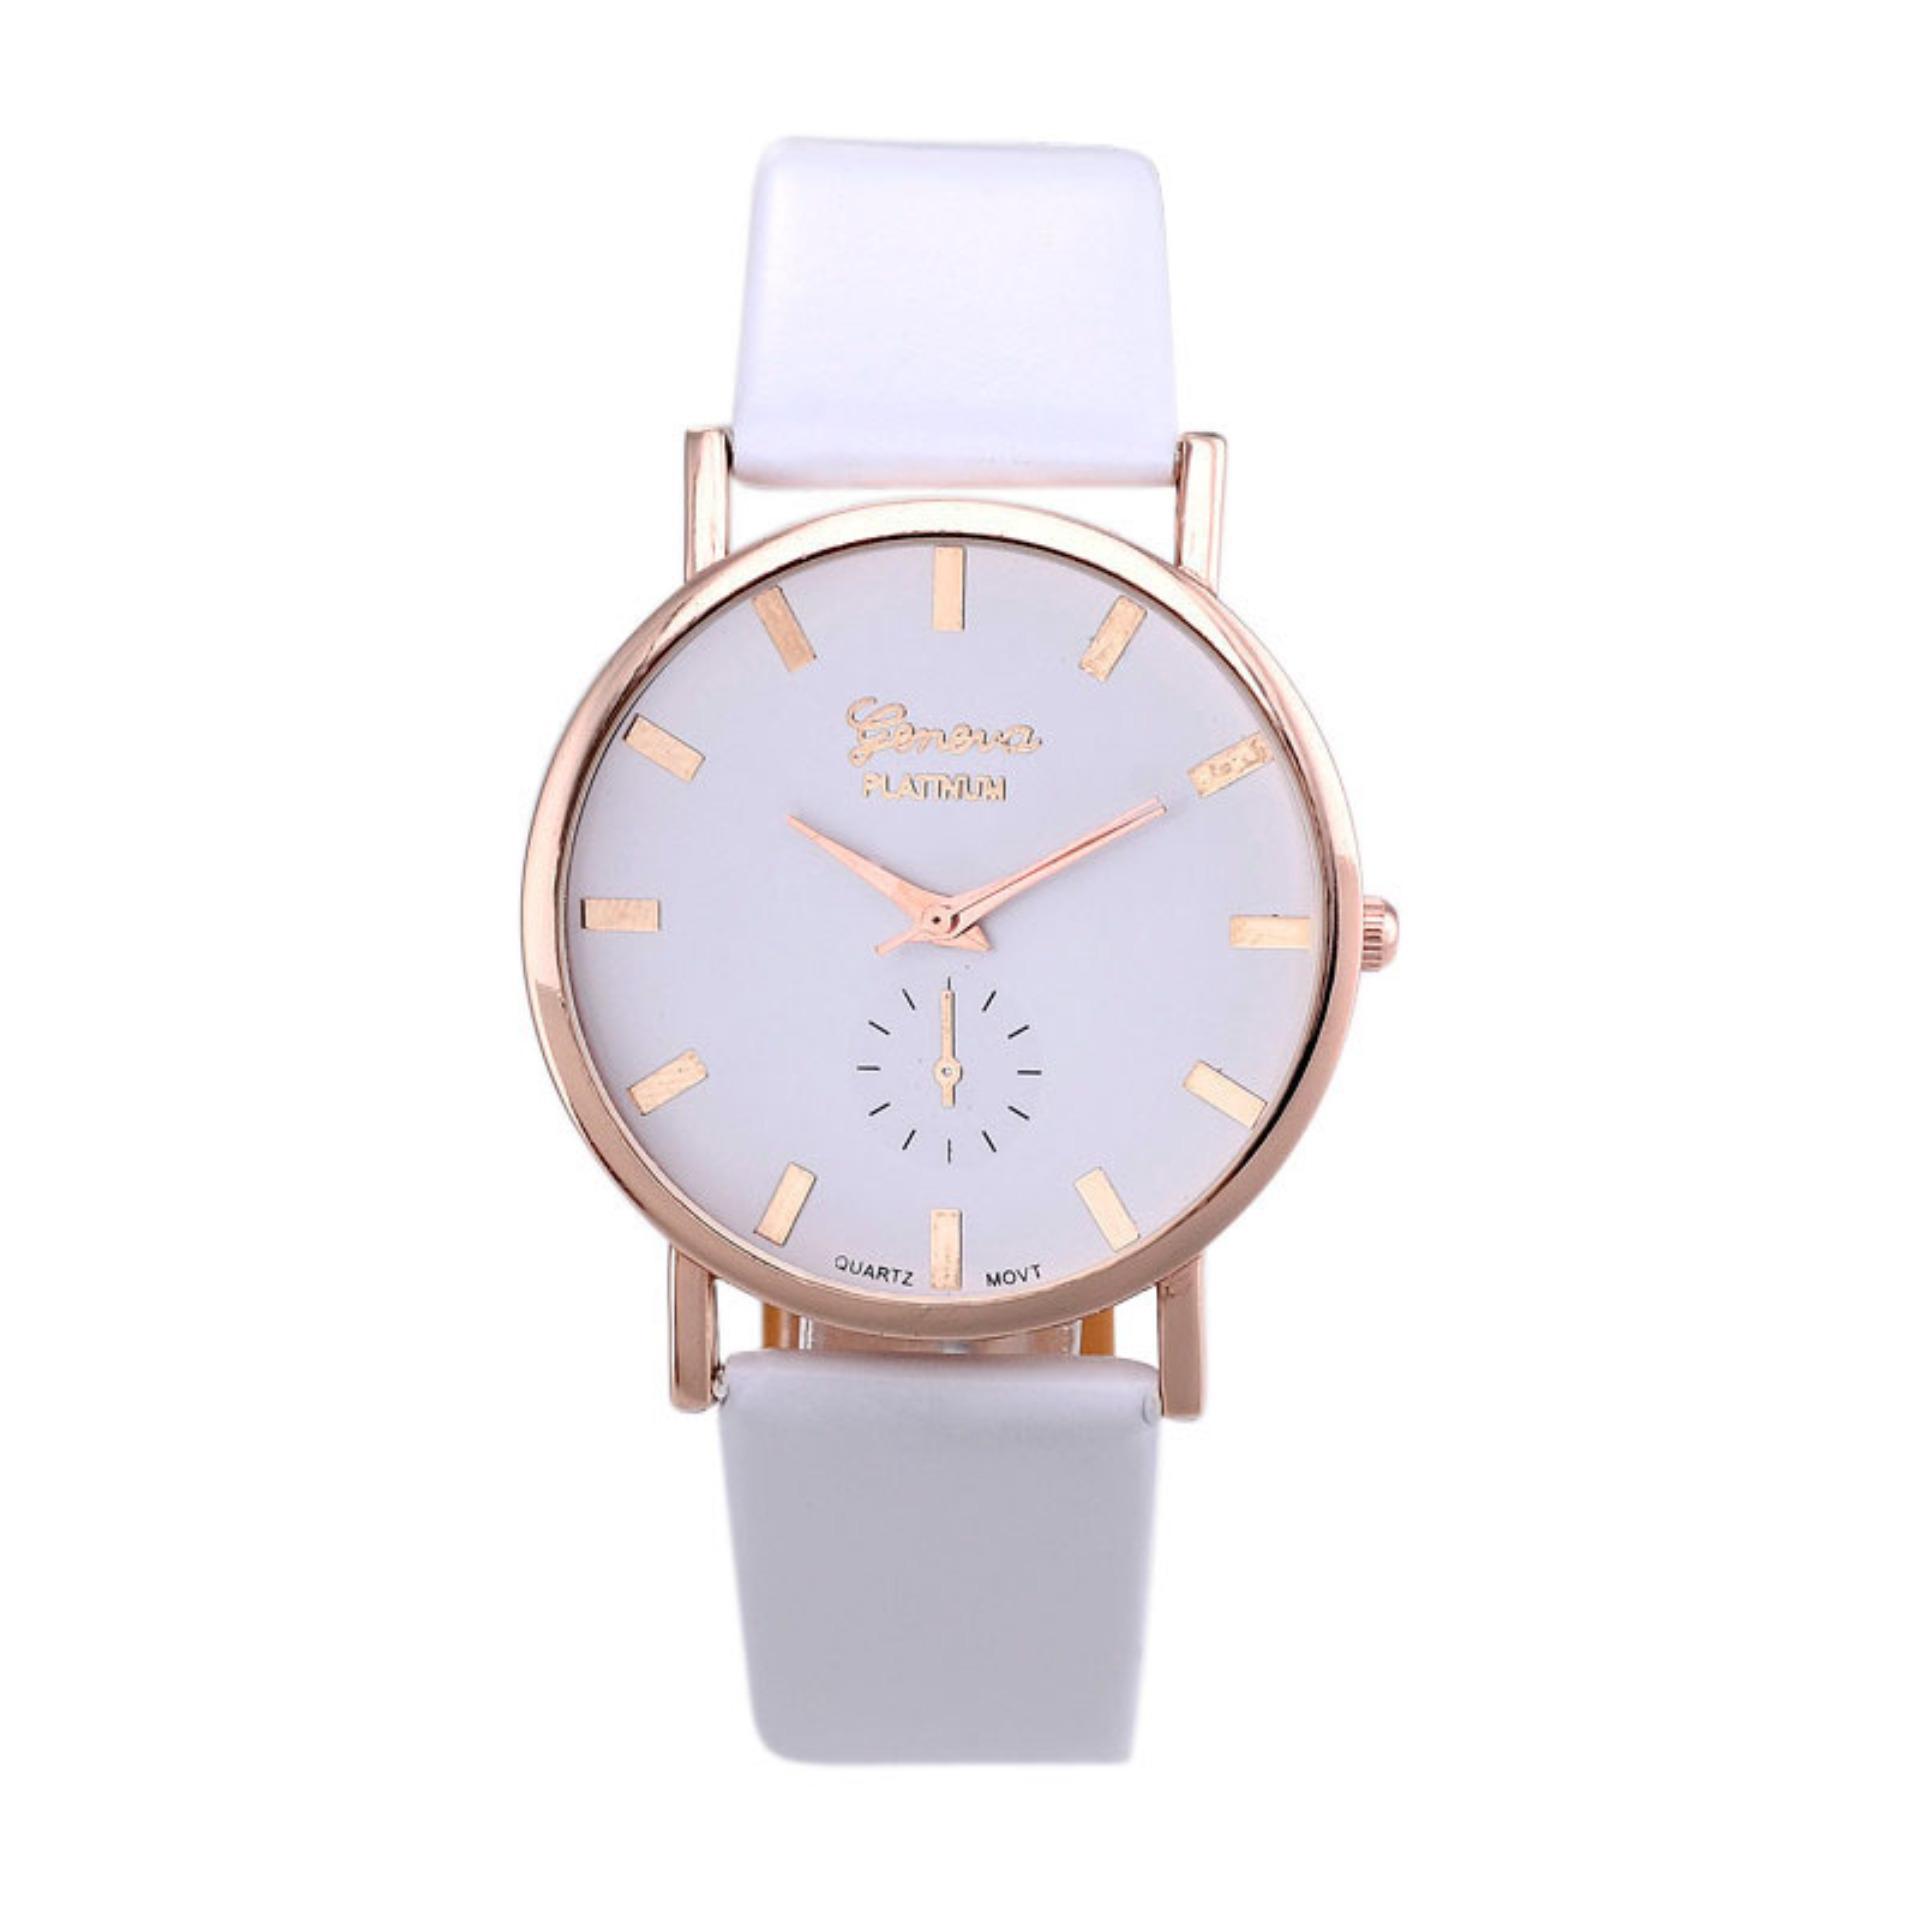 jam tangan wanita original geneva-japan 02 japan design [promo]